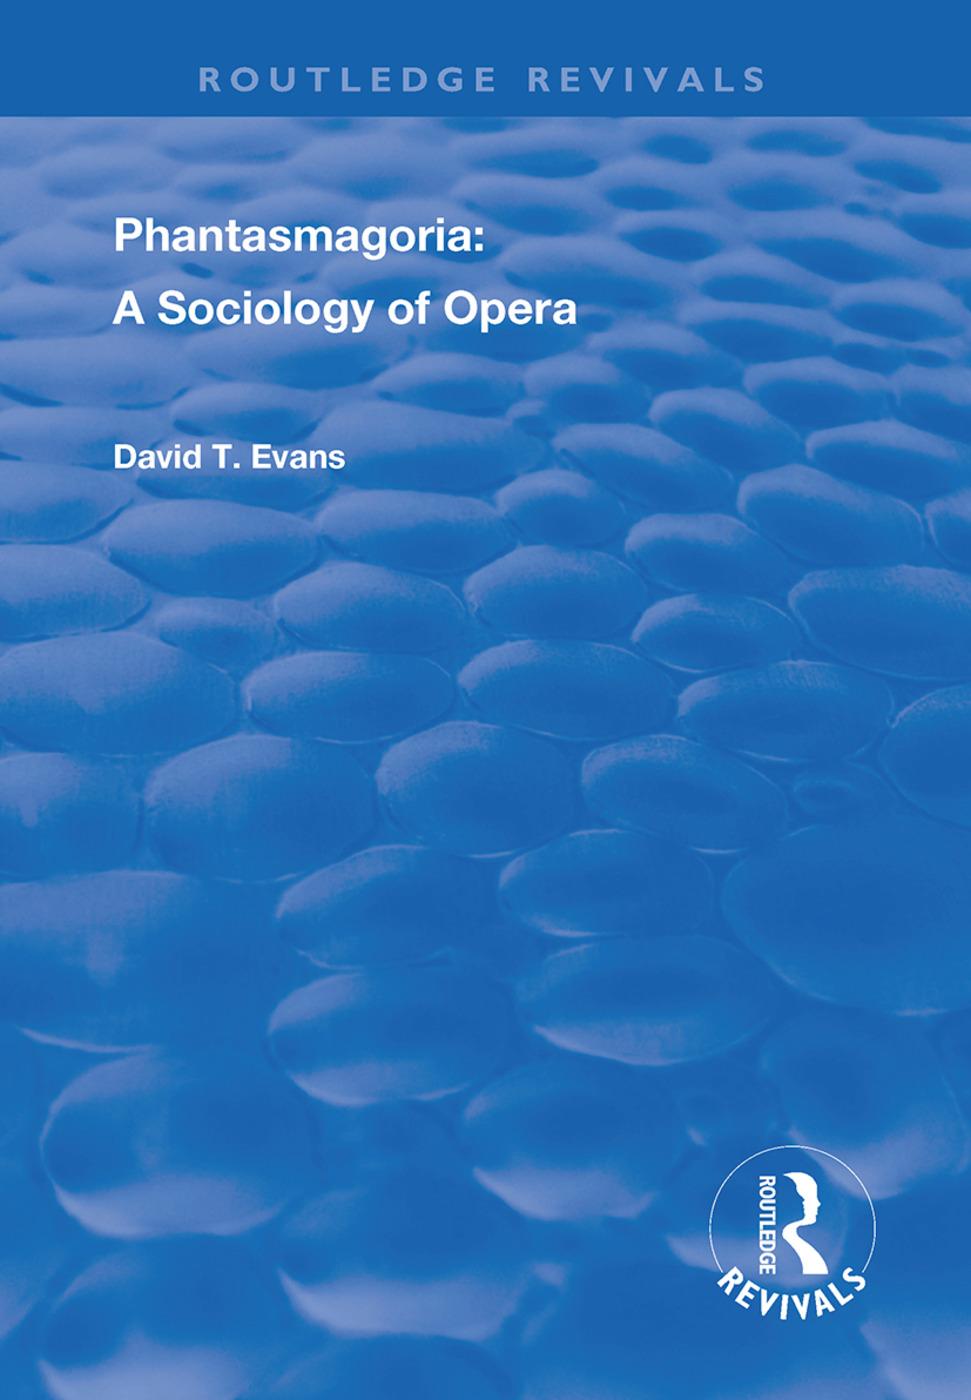 Phantasmagoria: Sociology of Opera book cover